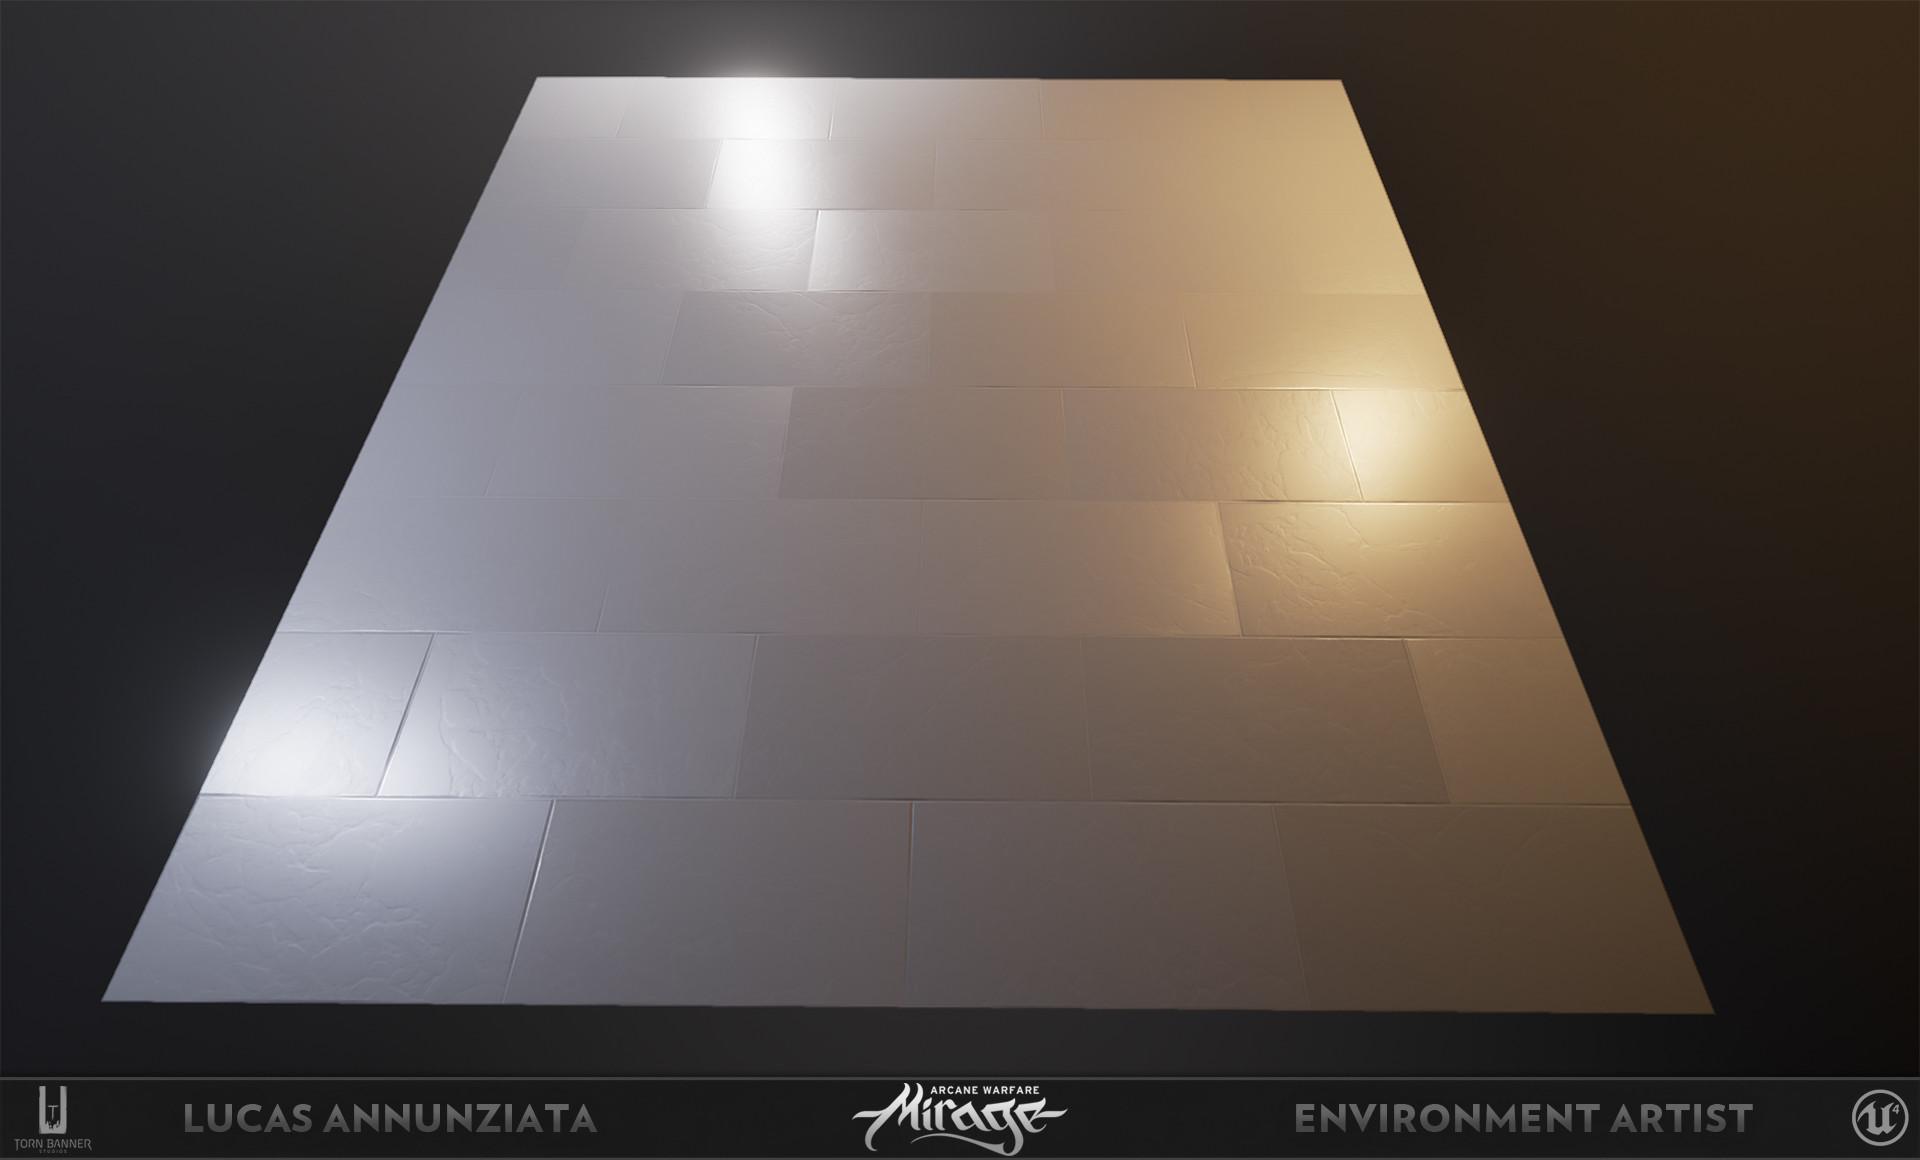 Lucas annunziata marble 18